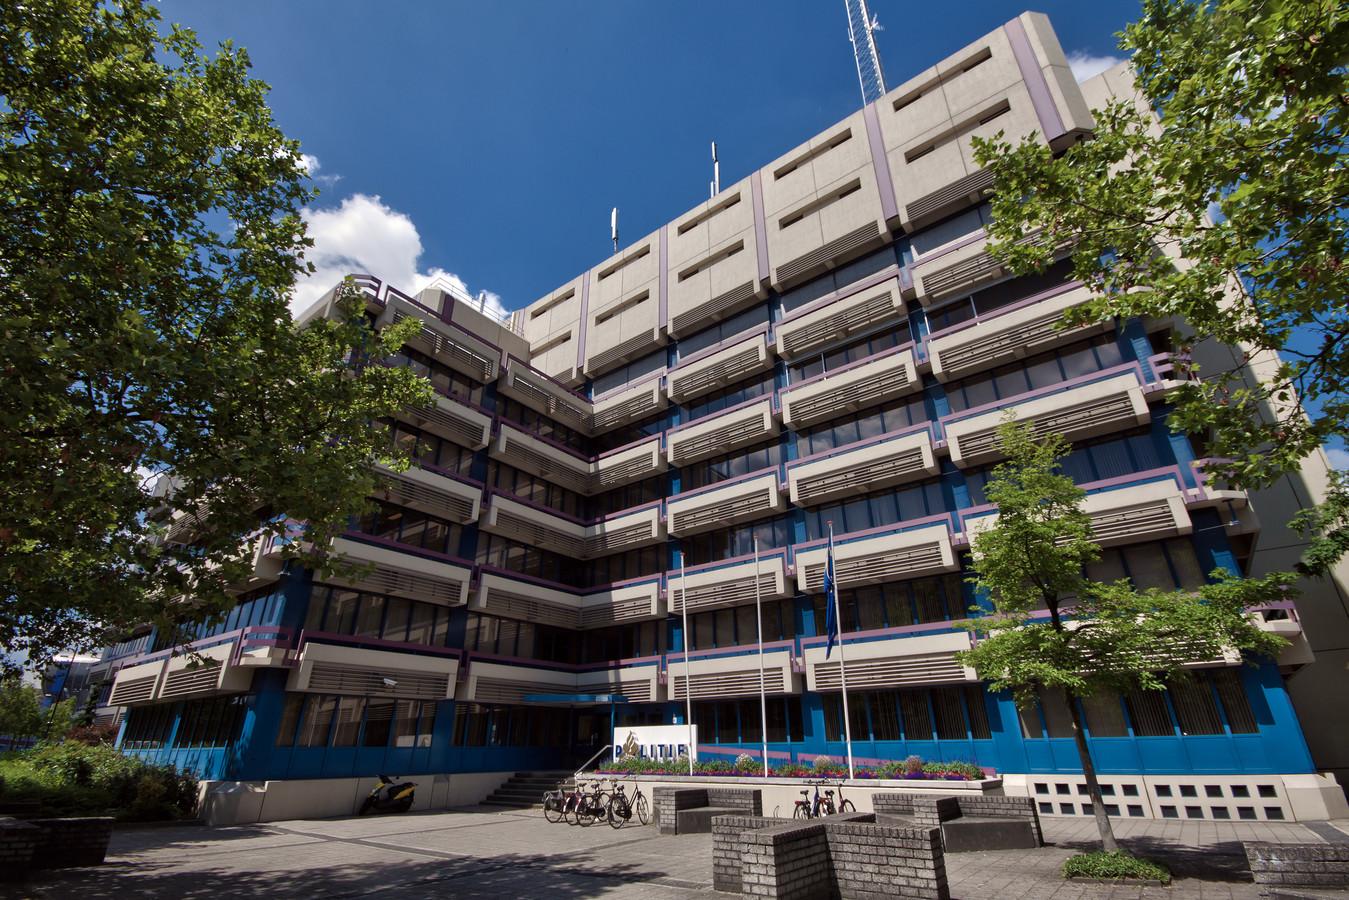 Politiebureau Eindhoven.